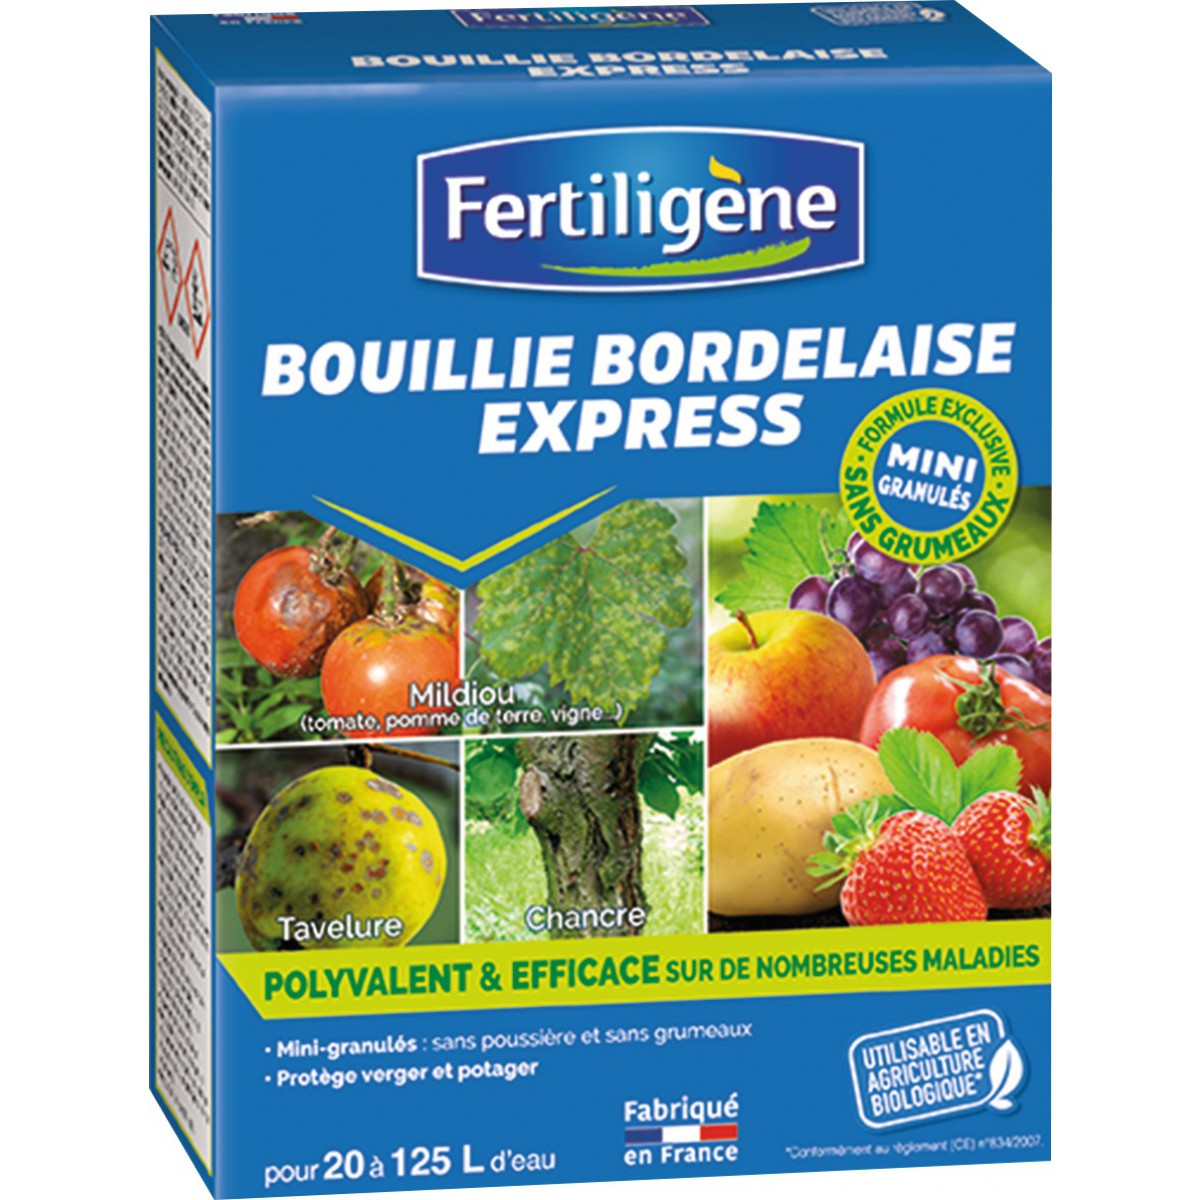 Bouillie bordelaise express granulés solubles  Fertiligène - Poids 500 g